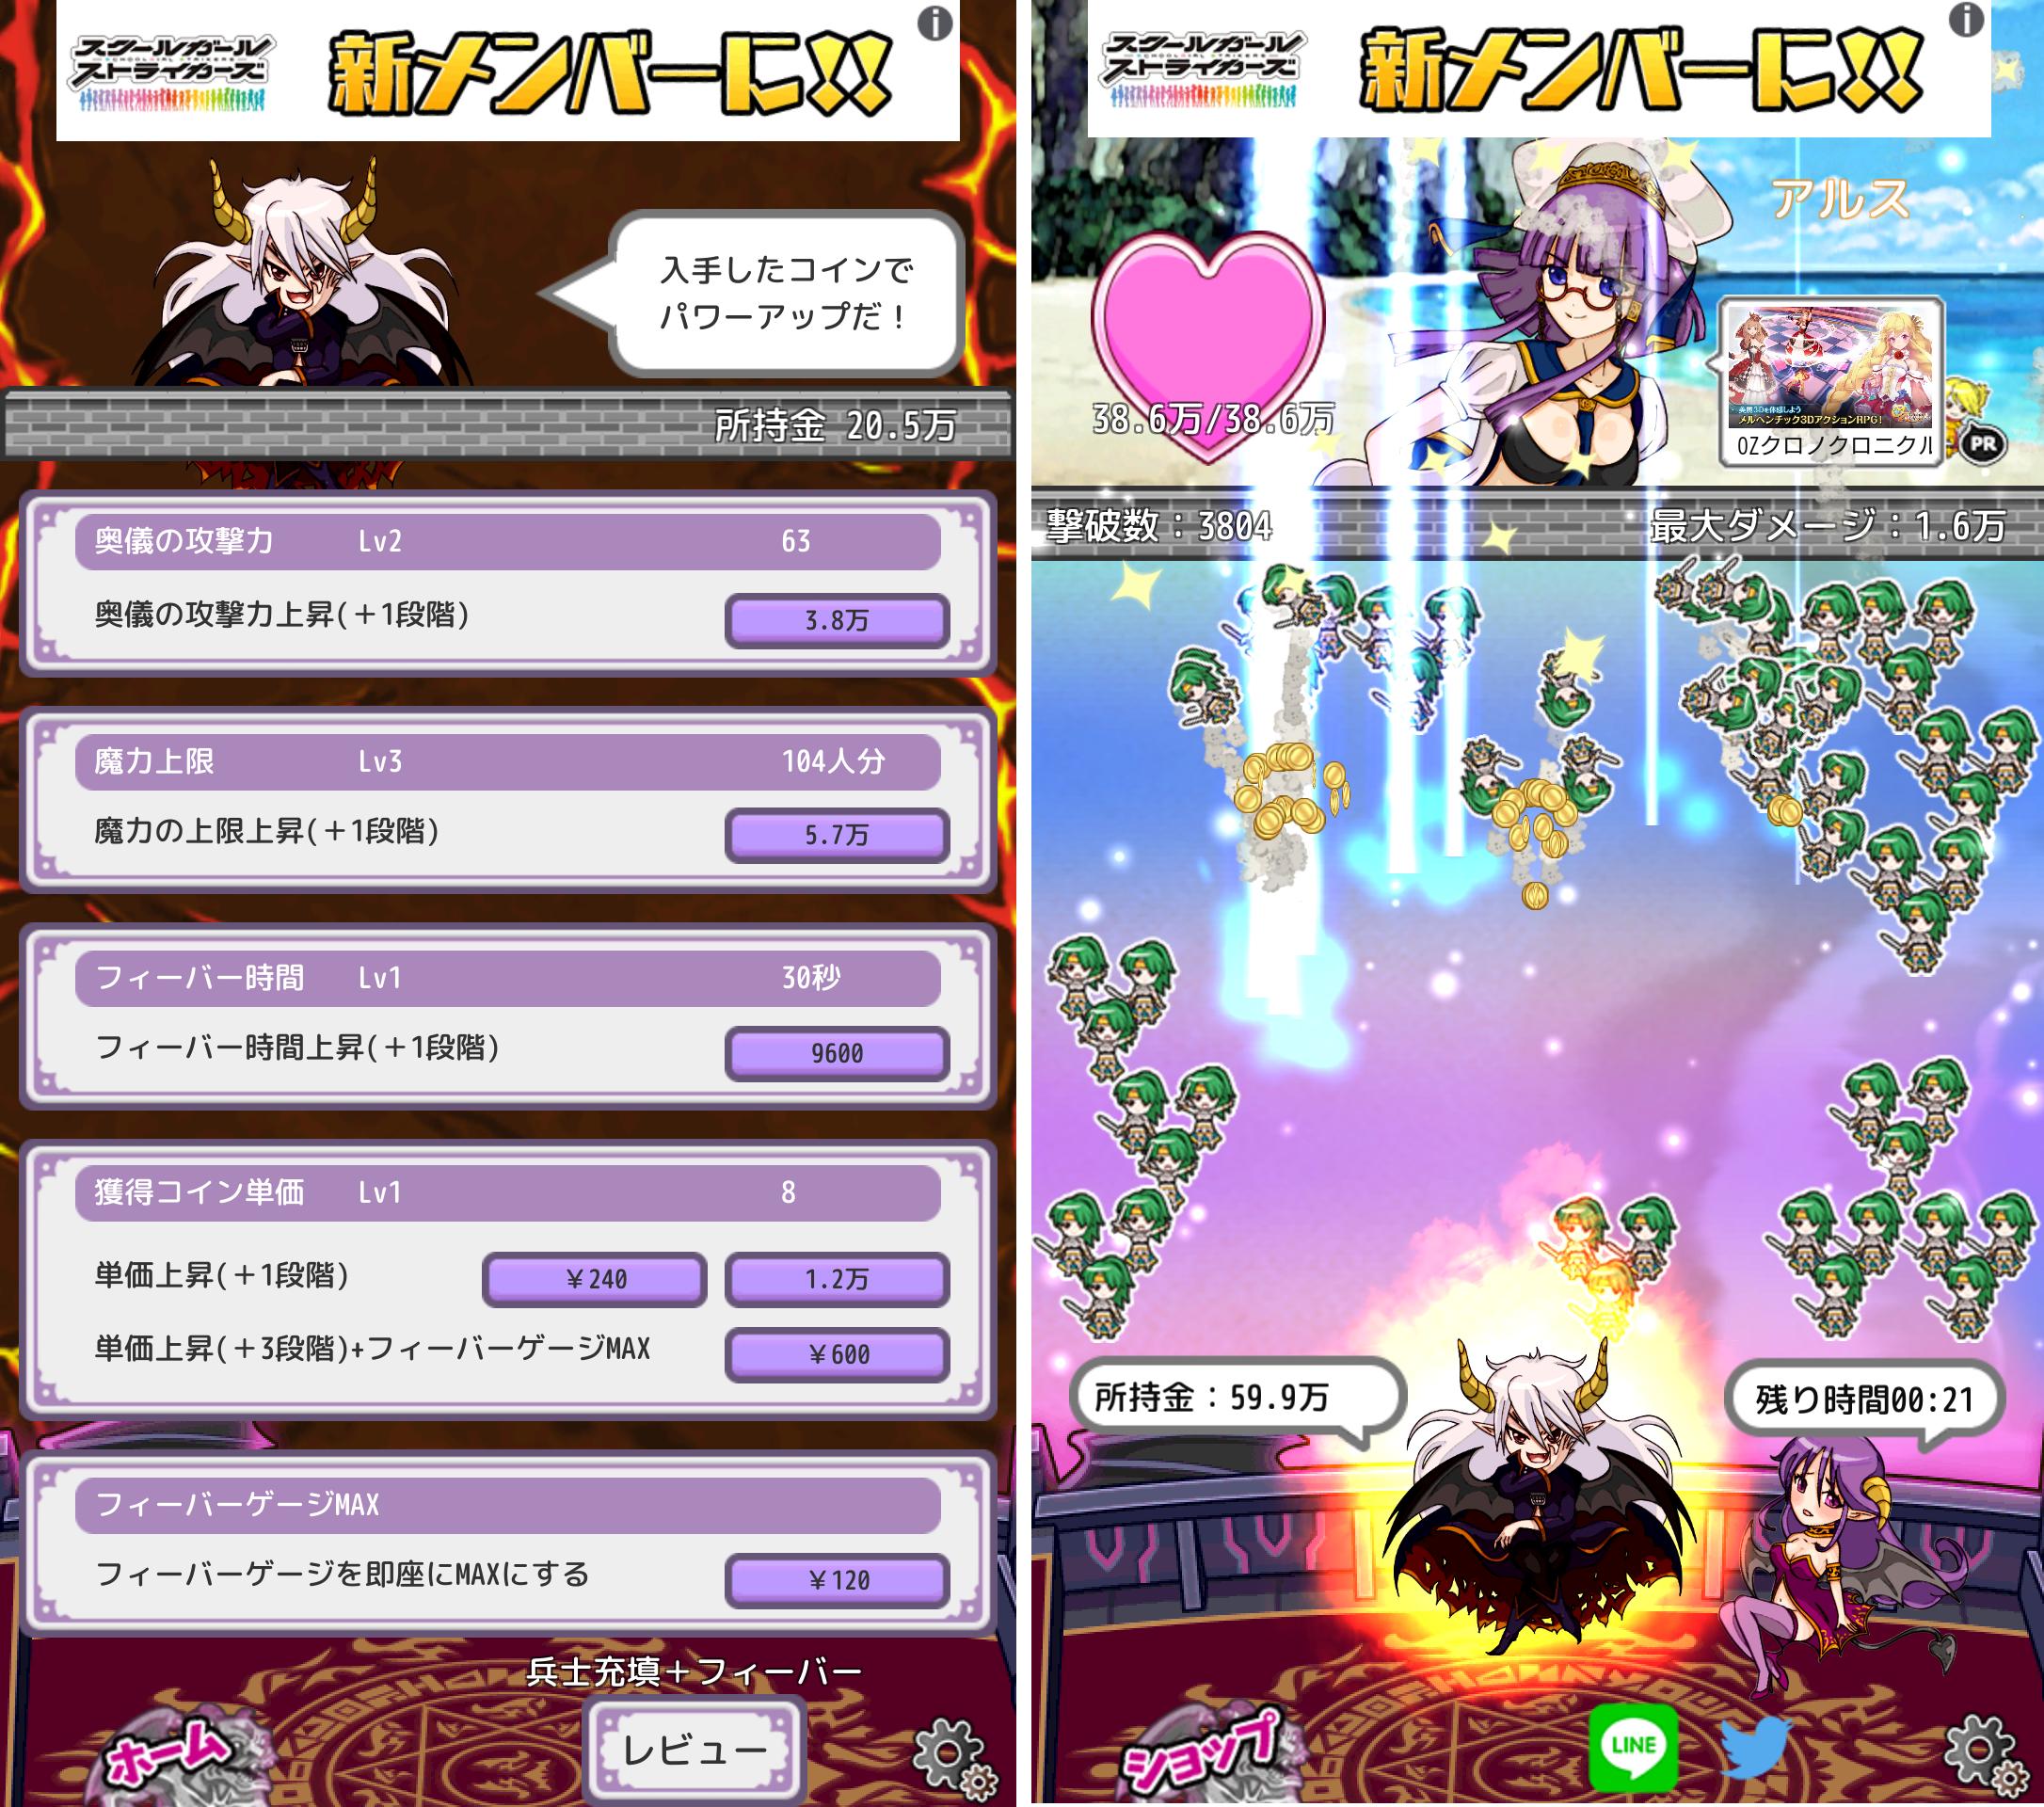 魔王へと転生した俺が世界征服をして姫ハーレムへと至る話 androidアプリスクリーンショット3